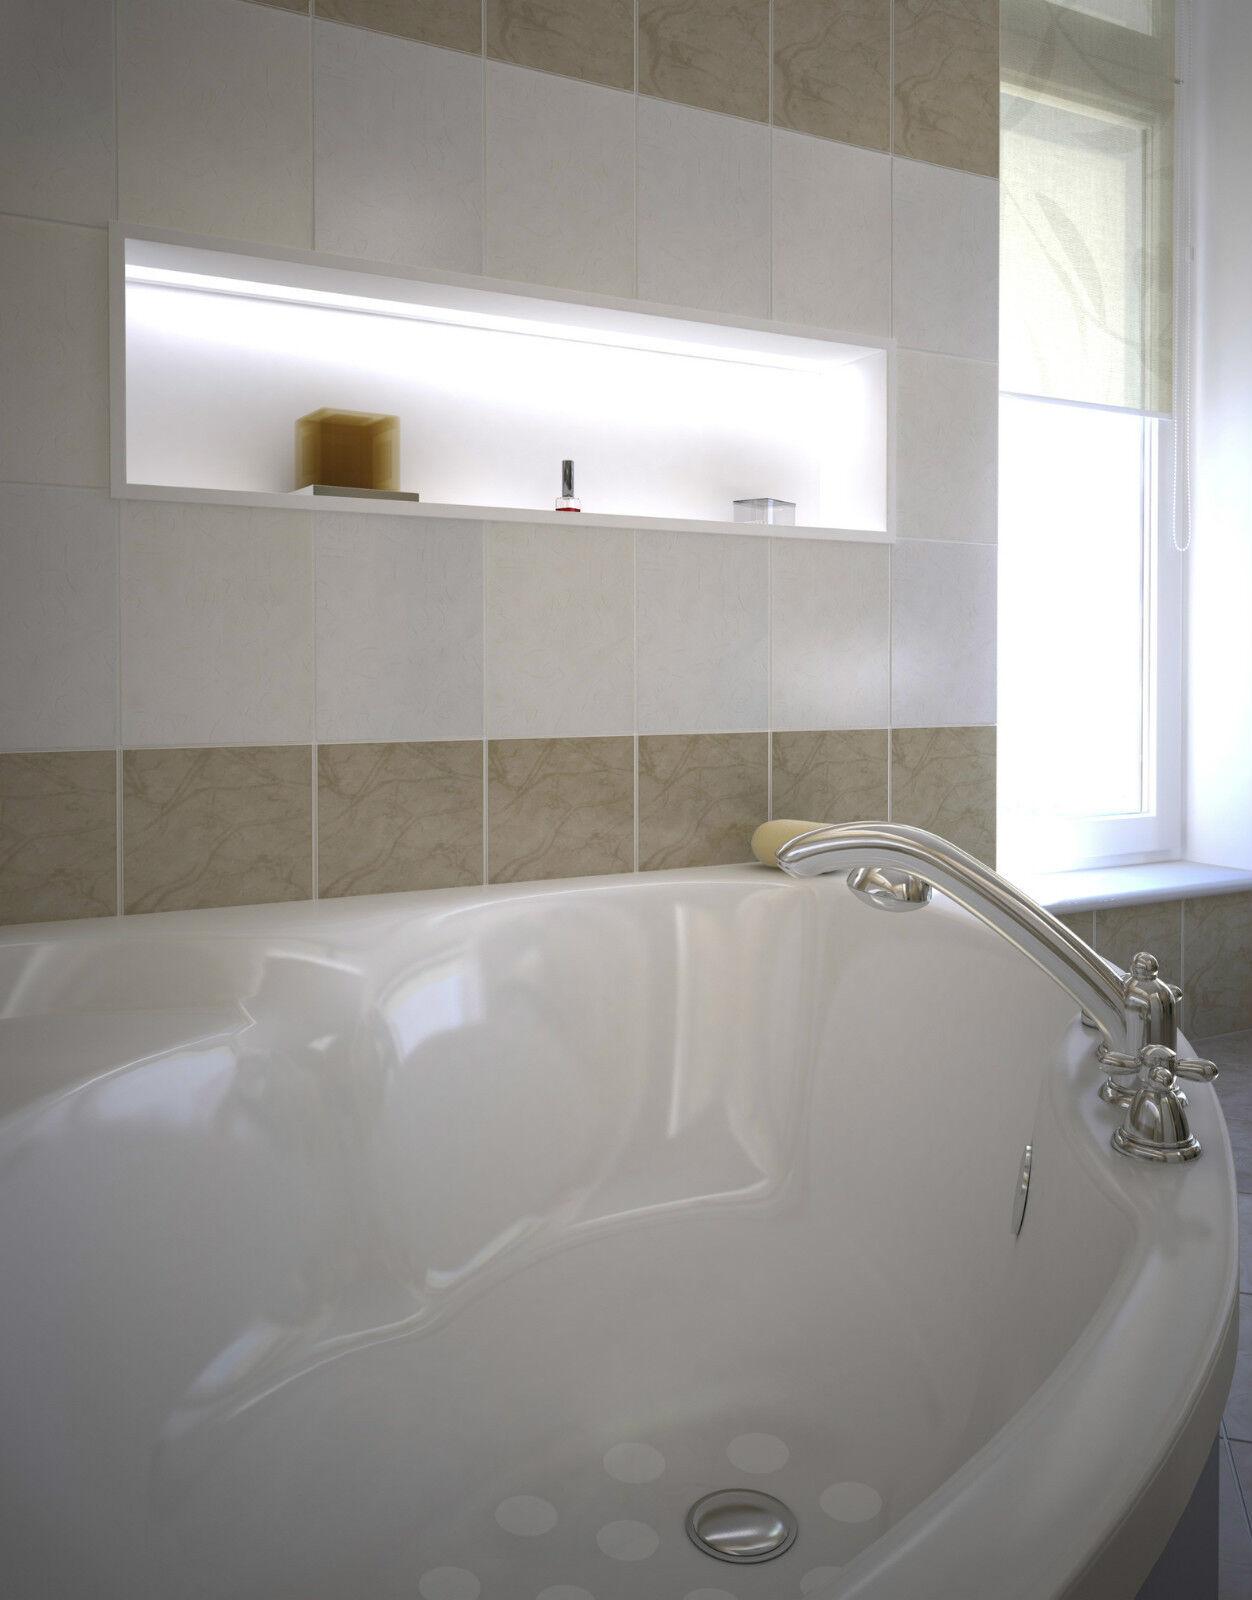 anti rutsch fliesen folie boden dusche wanne antirutschmatte rutschschutz pad kaufen bei kay. Black Bedroom Furniture Sets. Home Design Ideas